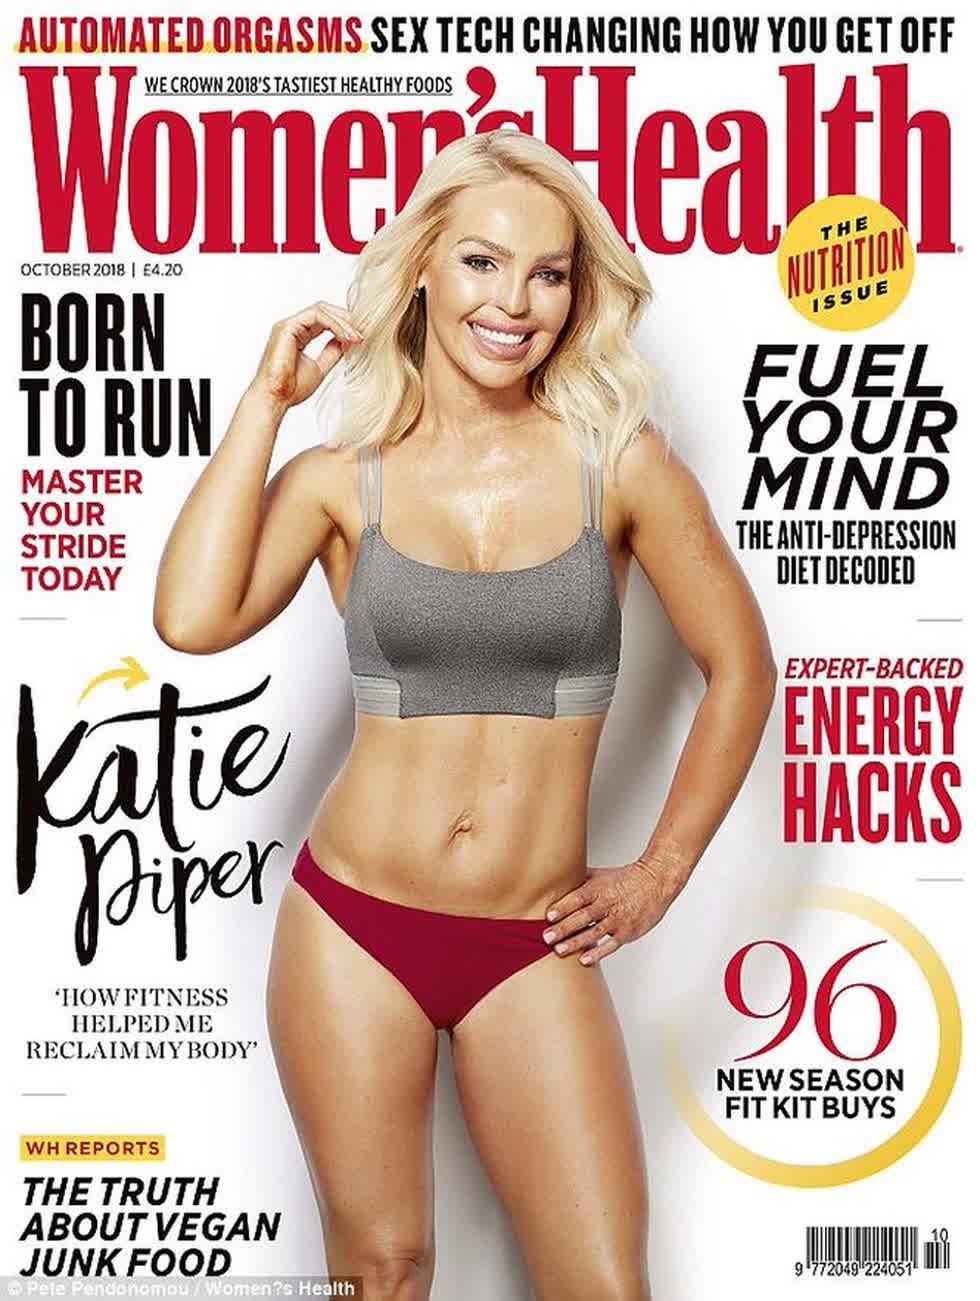 Năm ngoái Katie Pipre xuất hiện trên bìa một tạp chí, như một cách truyền cảm hứng cho những người đang bị suy sụp